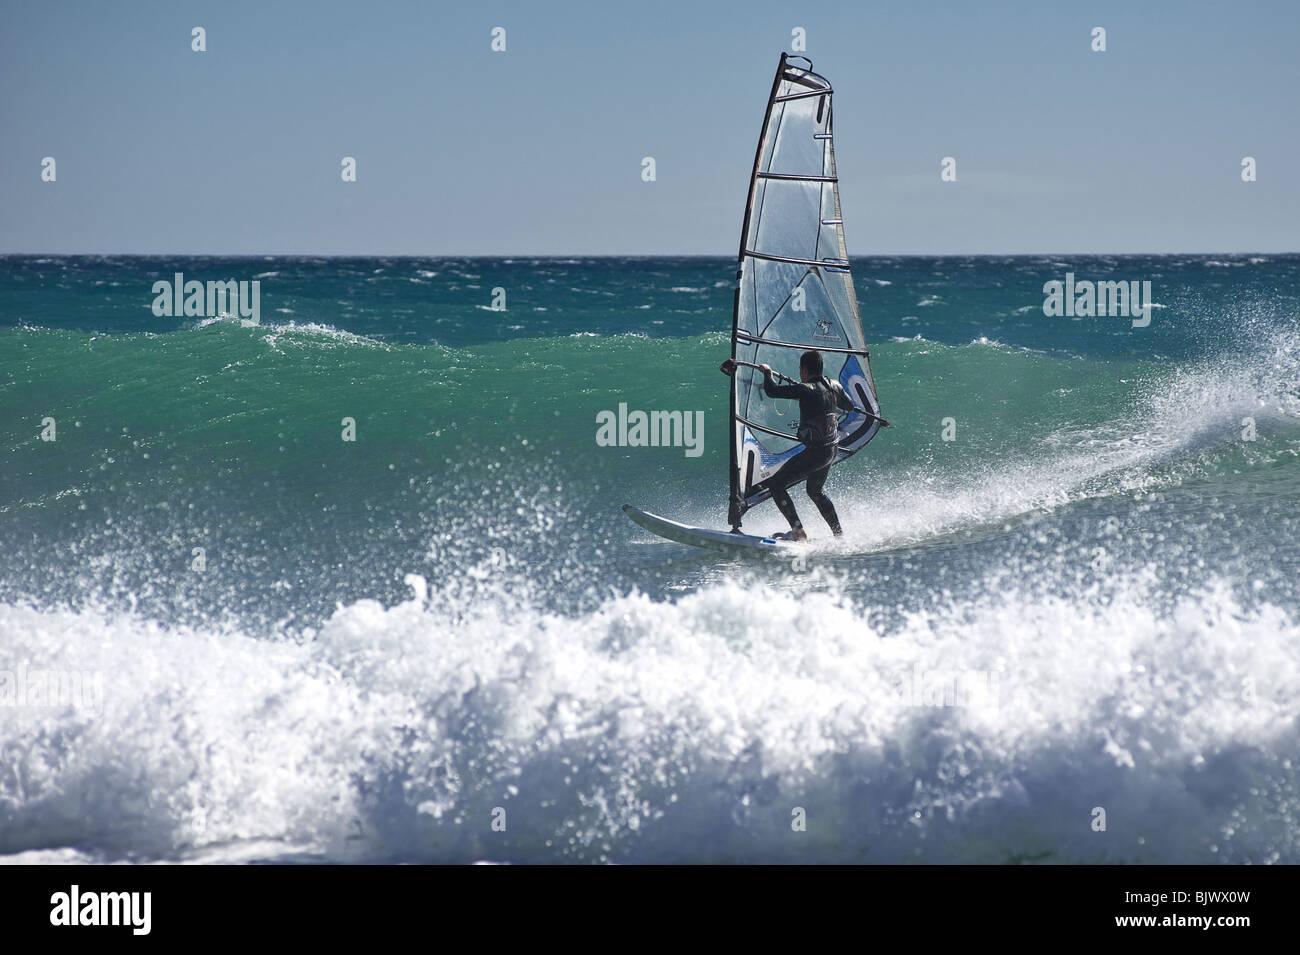 Planche à voile sur les plages de Masnou, près de Barcelone. L'Espagne. Photo Stock